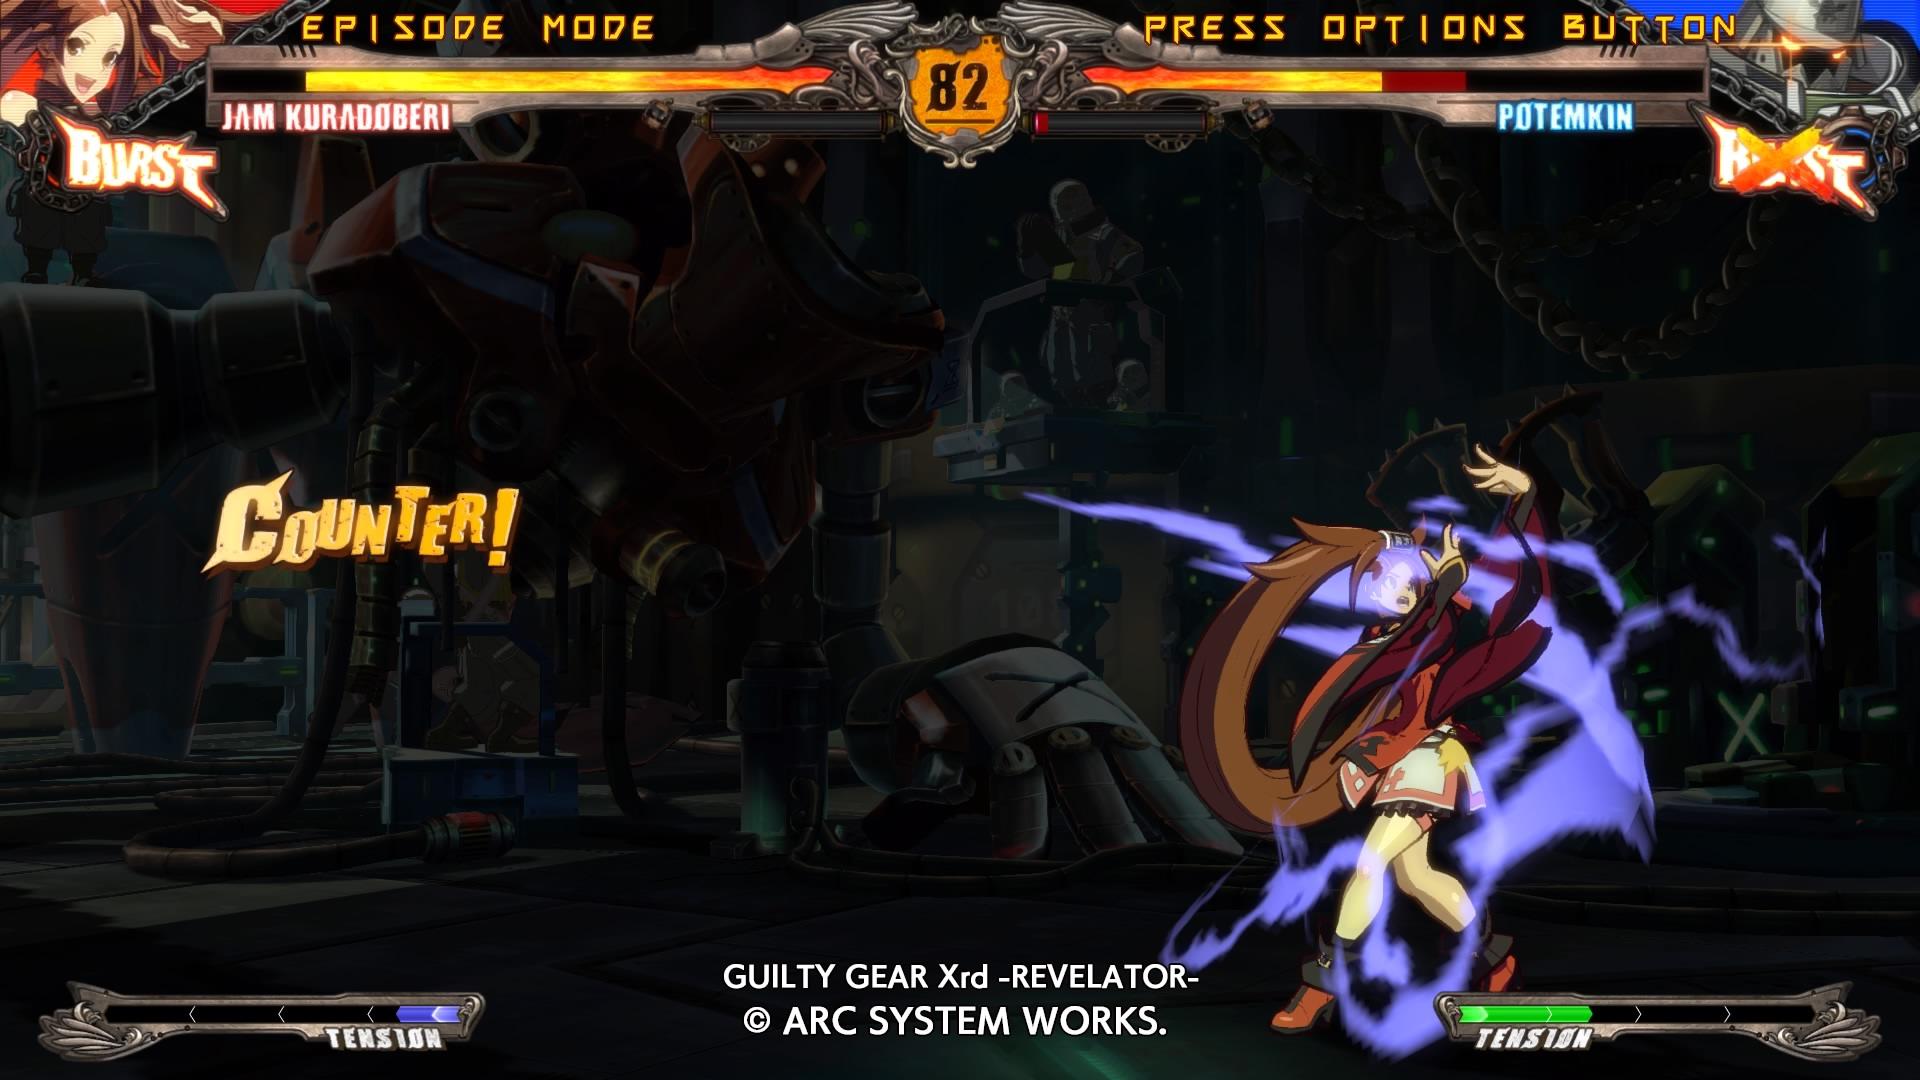 GuiltyGearXrd-Revelator PS4 Test 061